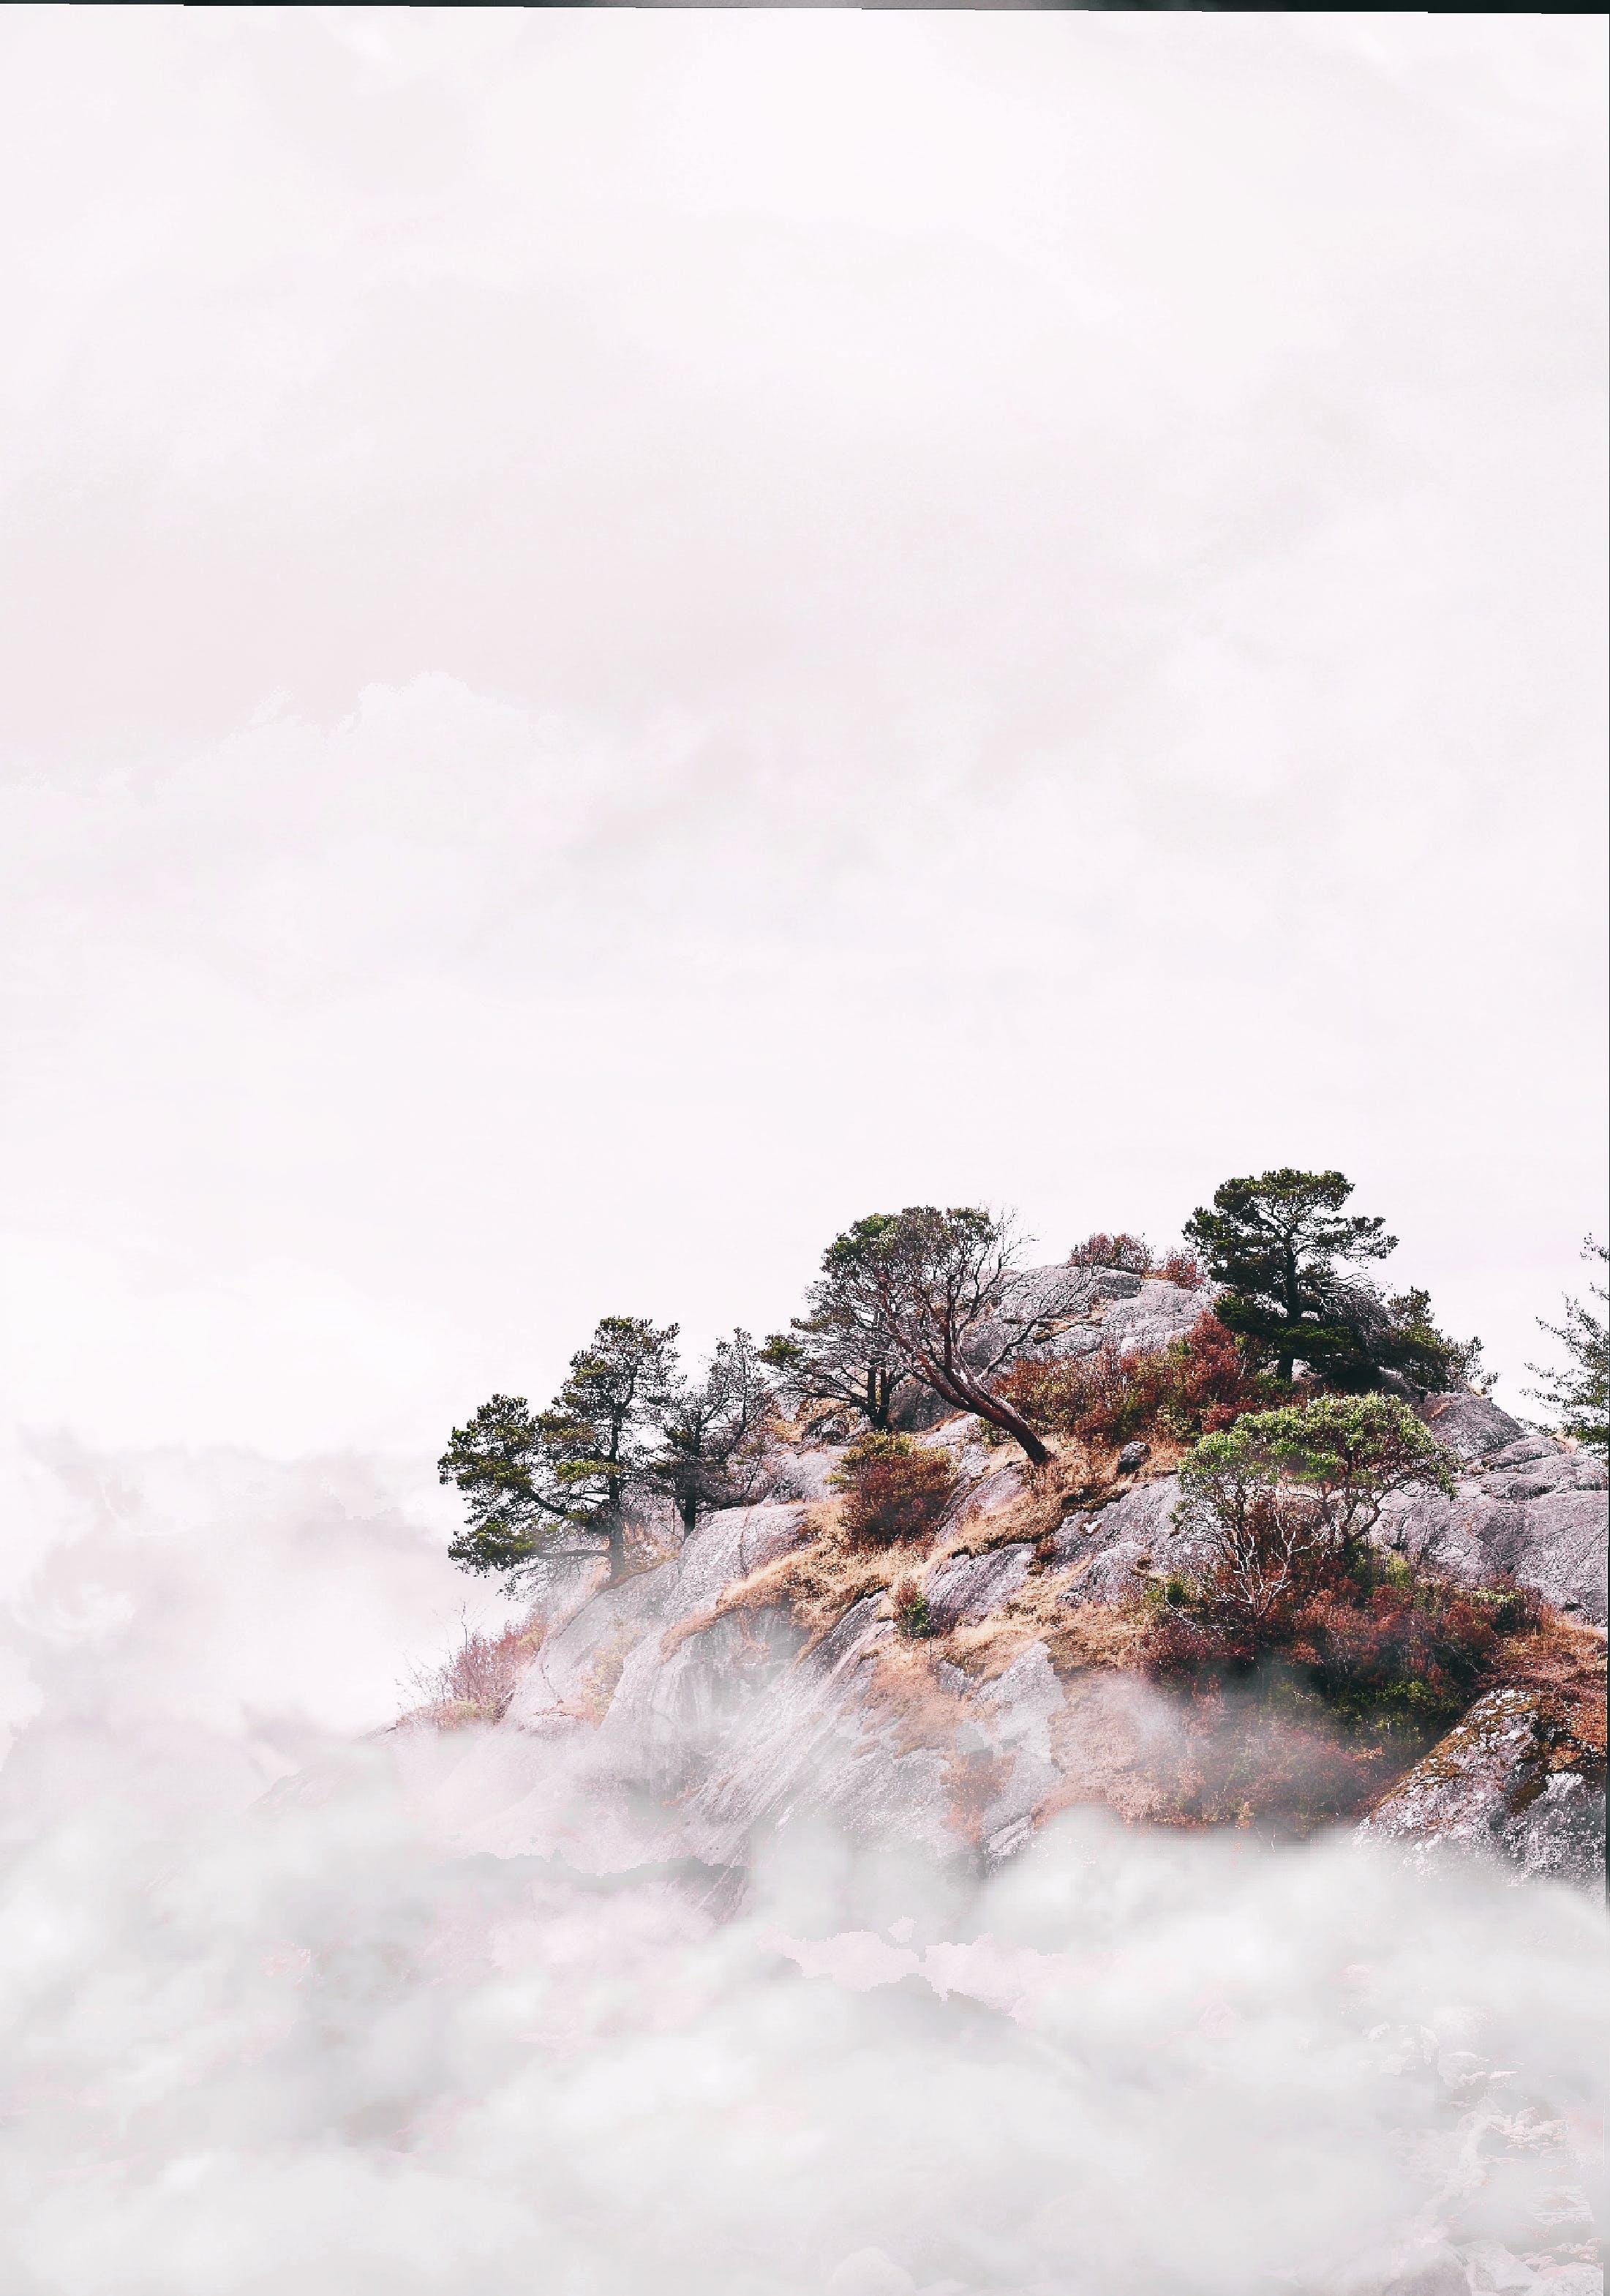 冷, 天性, 天氣, 日光 的 免費圖庫相片